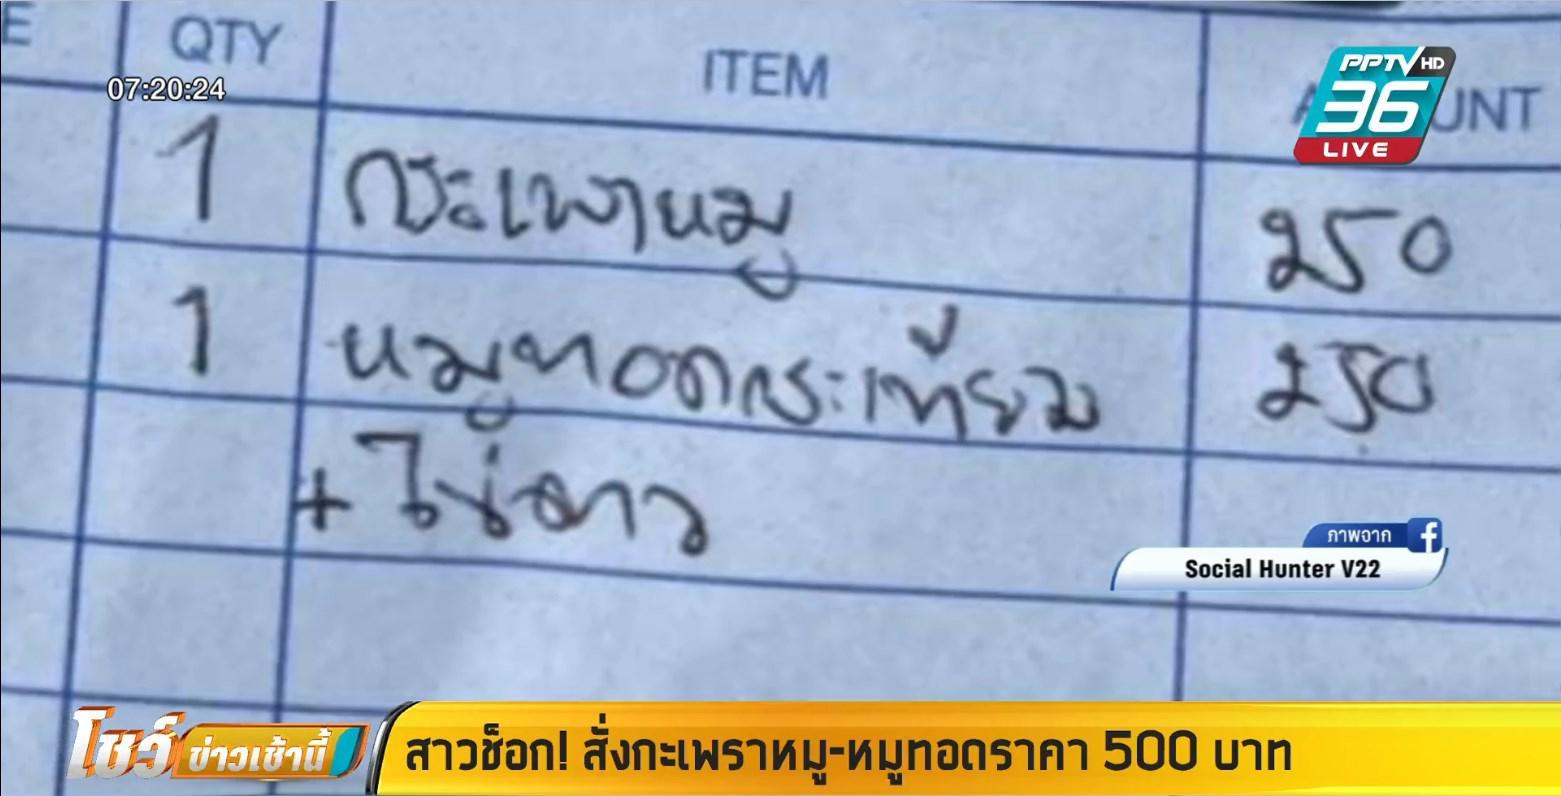 สาวเที่ยวเกาะช้าง สั่งกะเพราหมู-หมูทอด ราคา 500 บาท โพสต์ถามแพงไปไหม